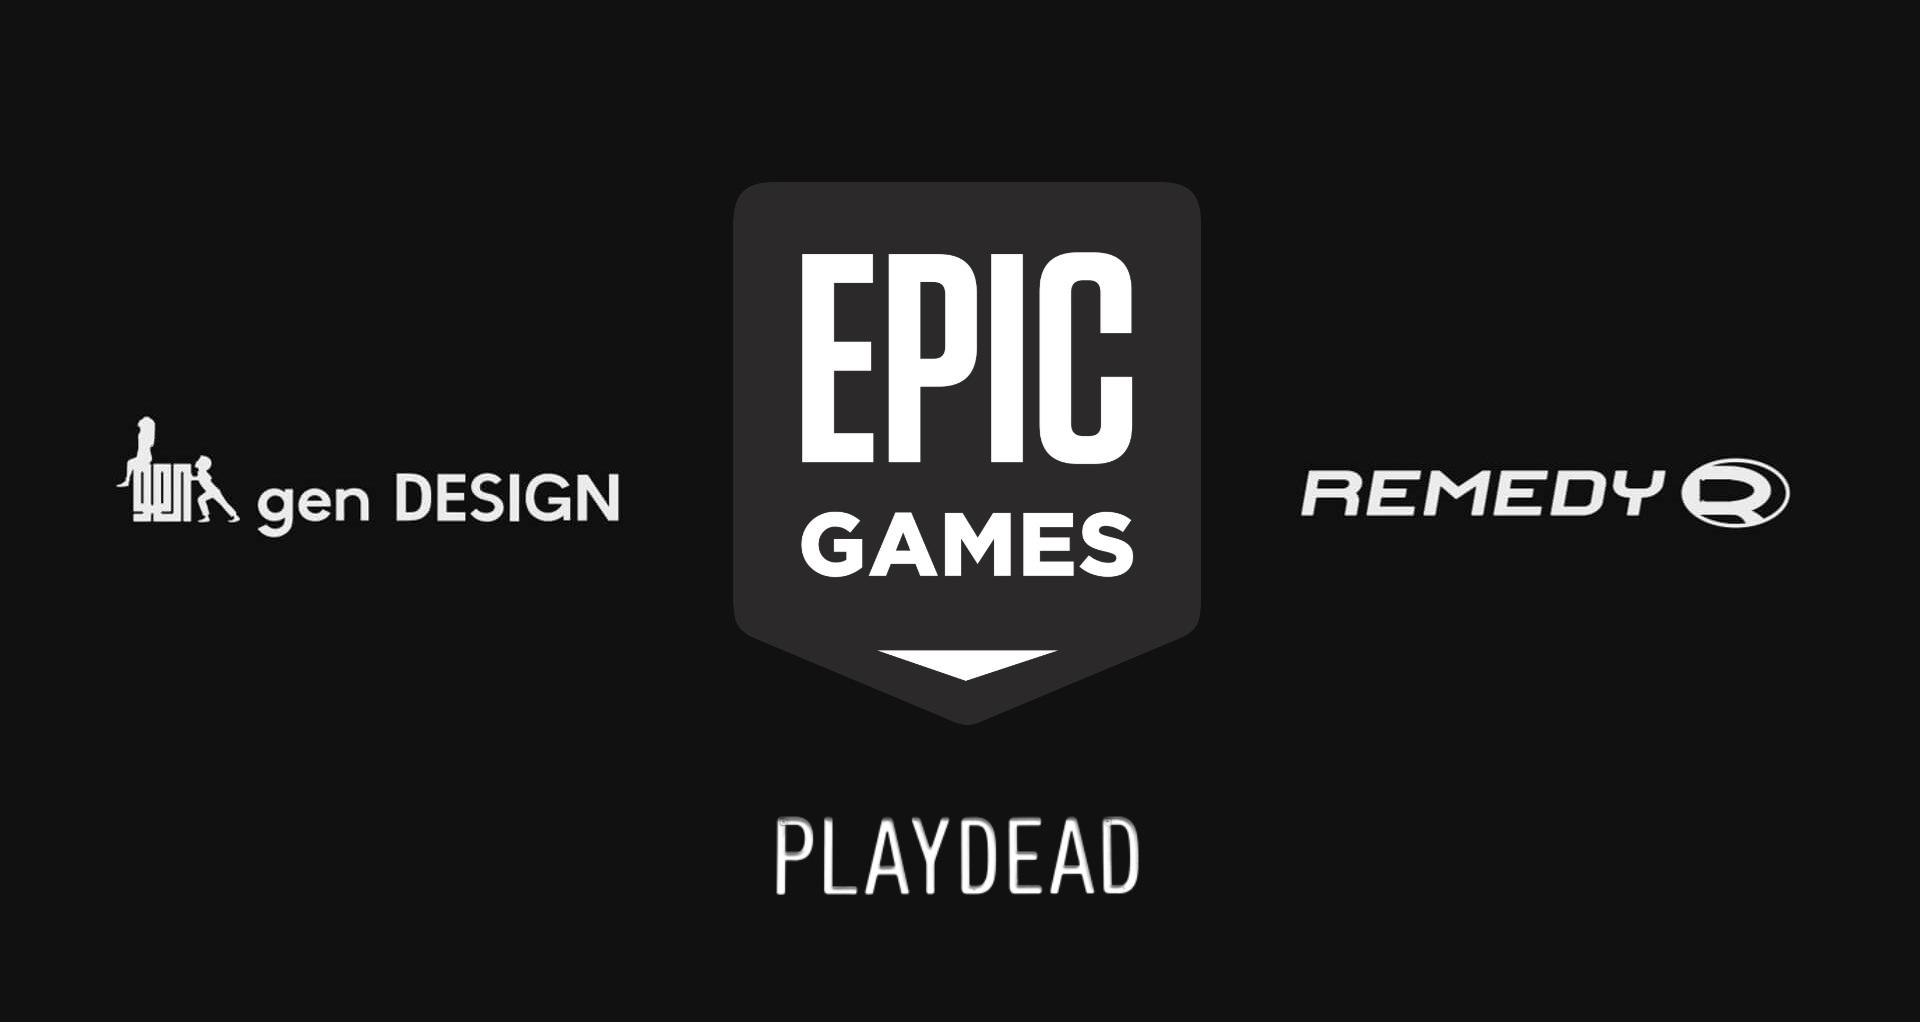 Remedy chystají dvě hry pod novým vydavatelem Epic Games Publishing